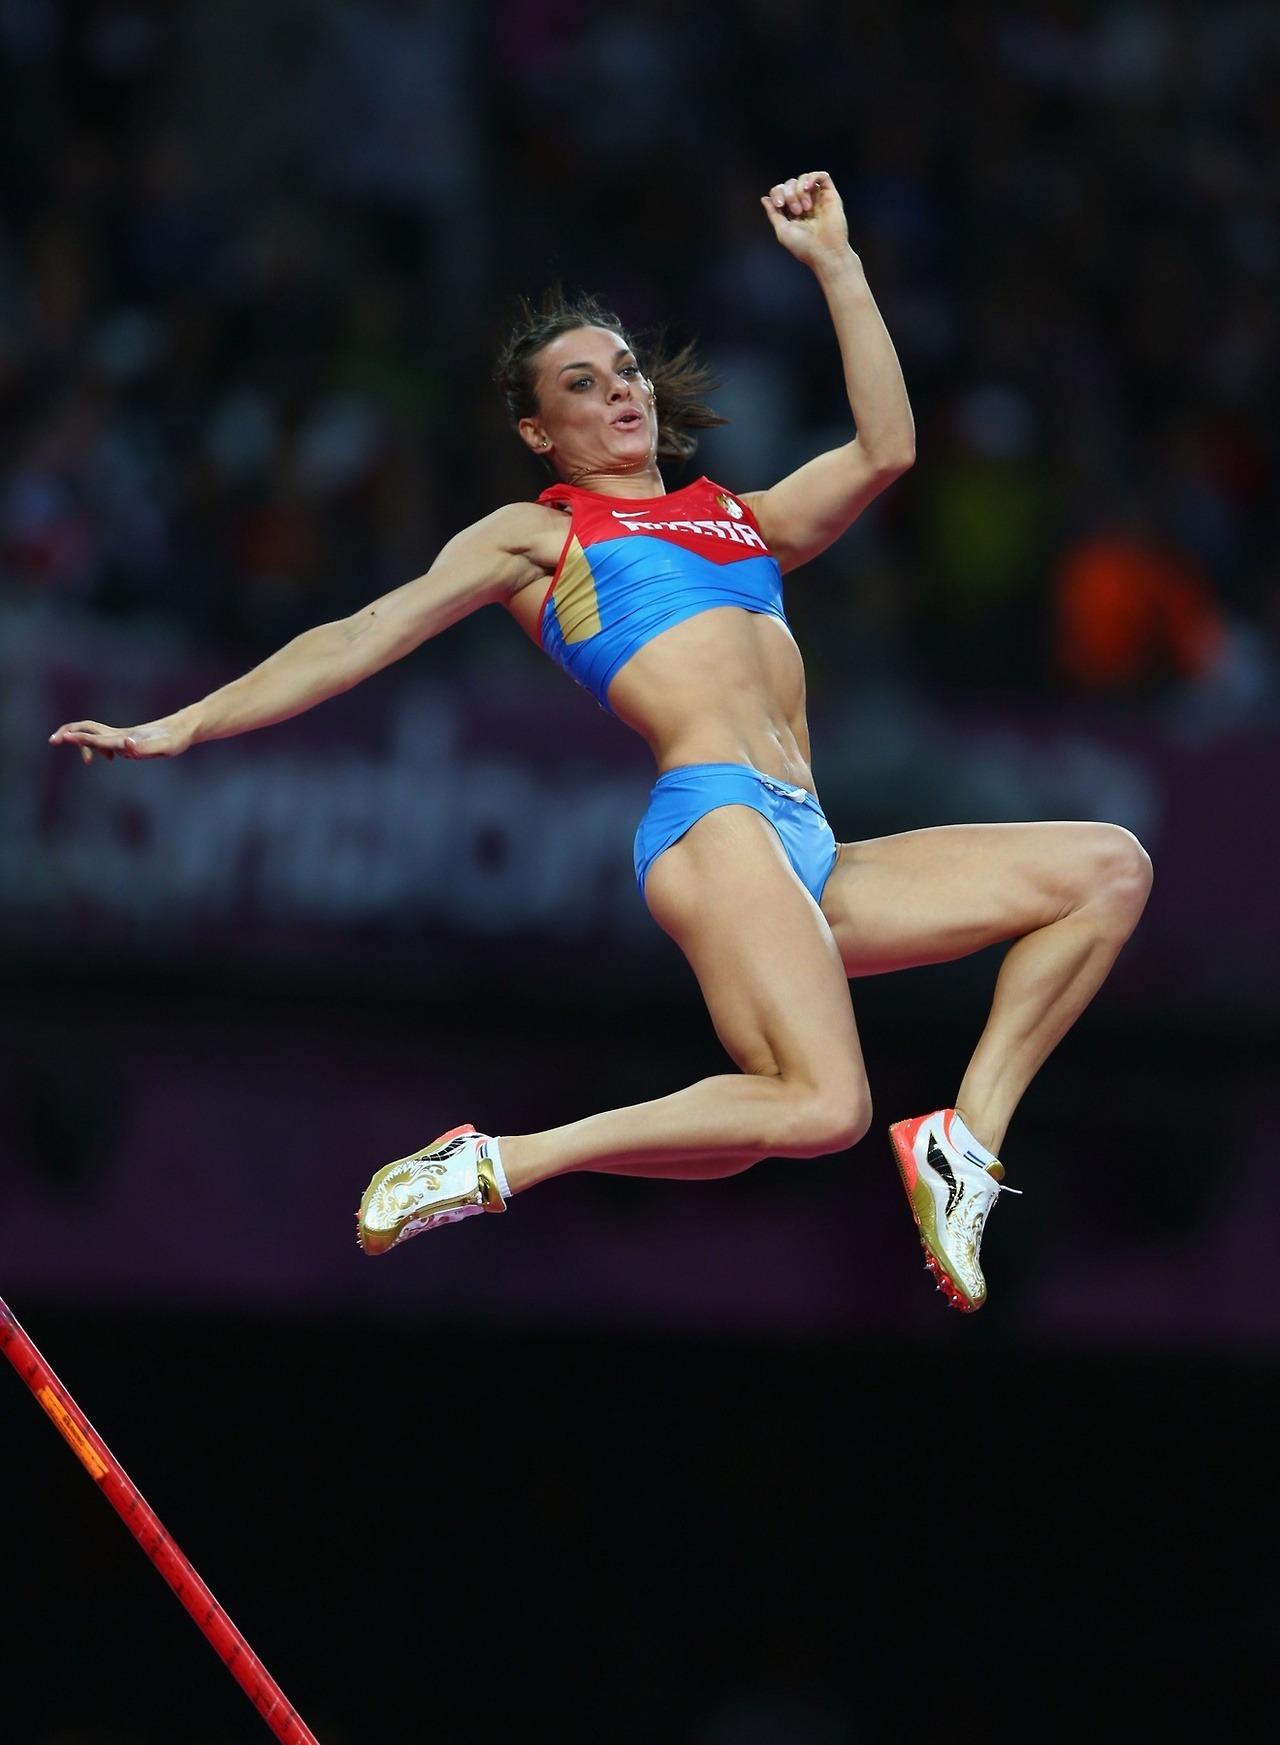 Yelena Isinbayeva London 2012 Olympics – Athletics